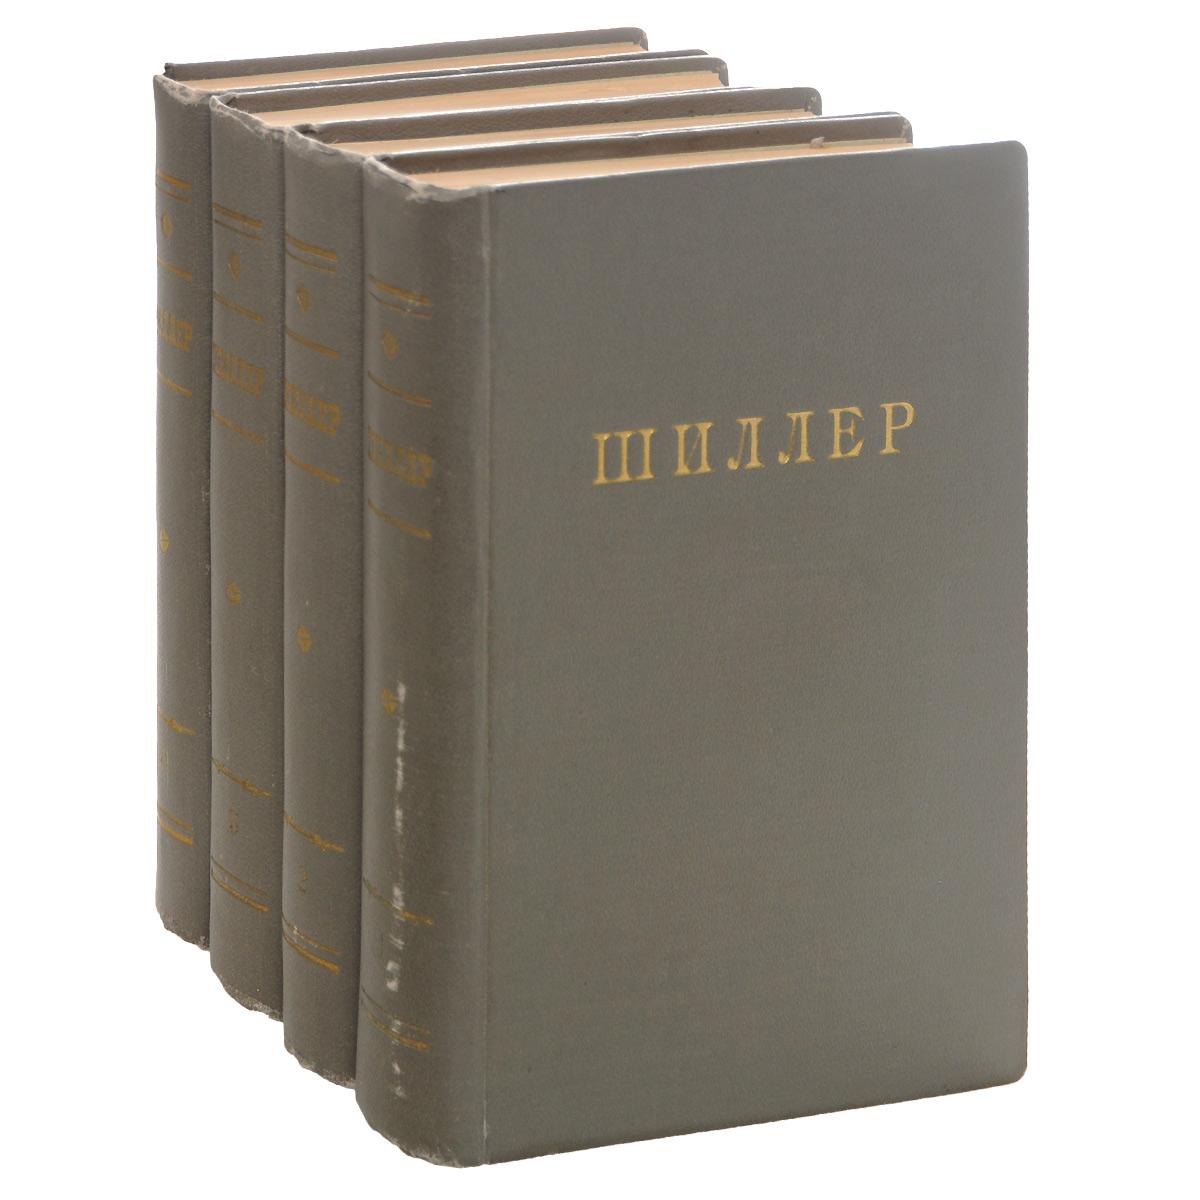 Шиллер. Собрание сочинений в 4 томах (комплект из книг)